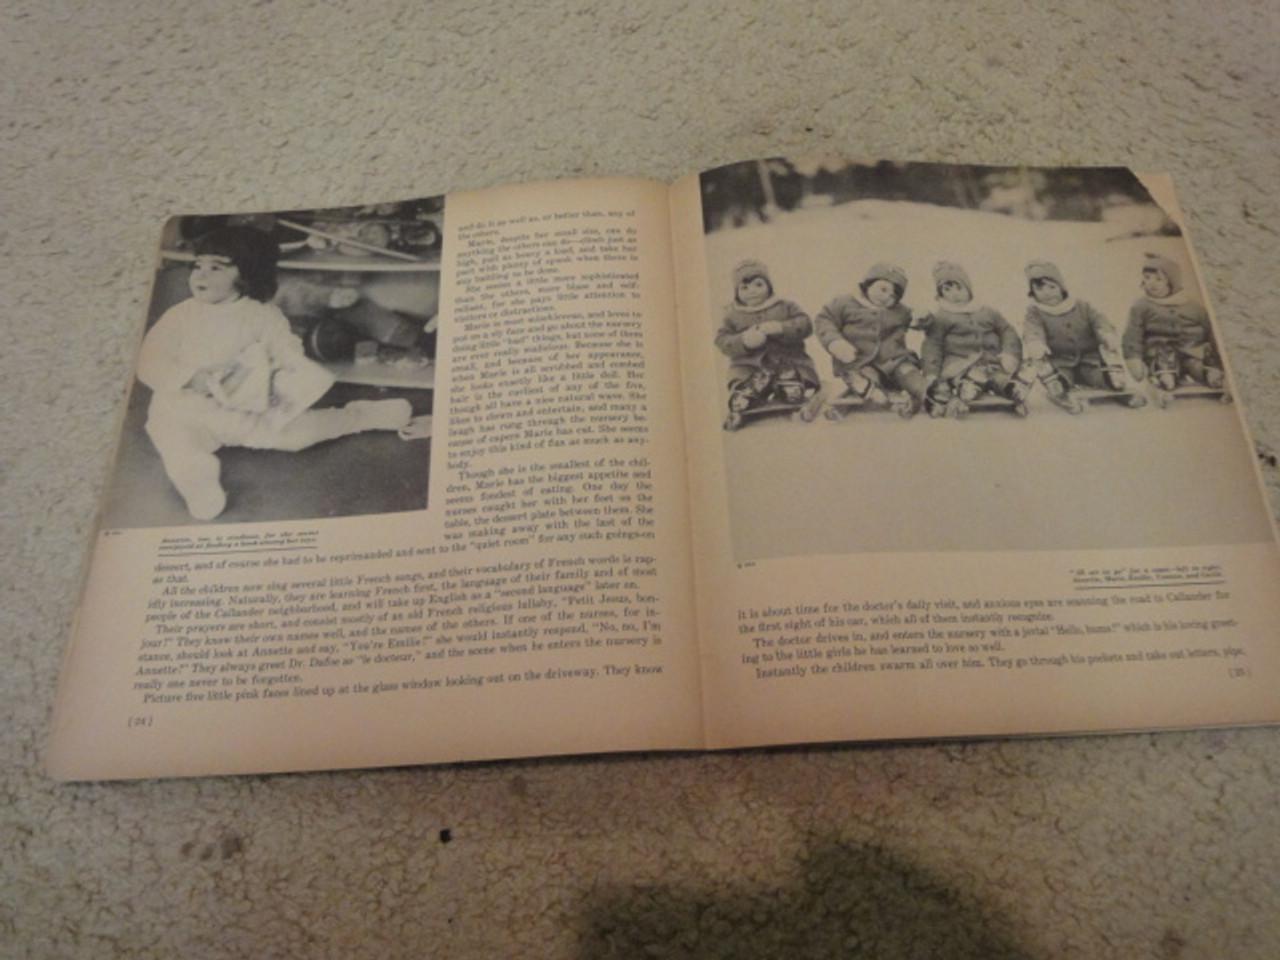 Dionne, Cecile 1937 Photo Book Color Cover Signed Autograph Dionne Quintuplets